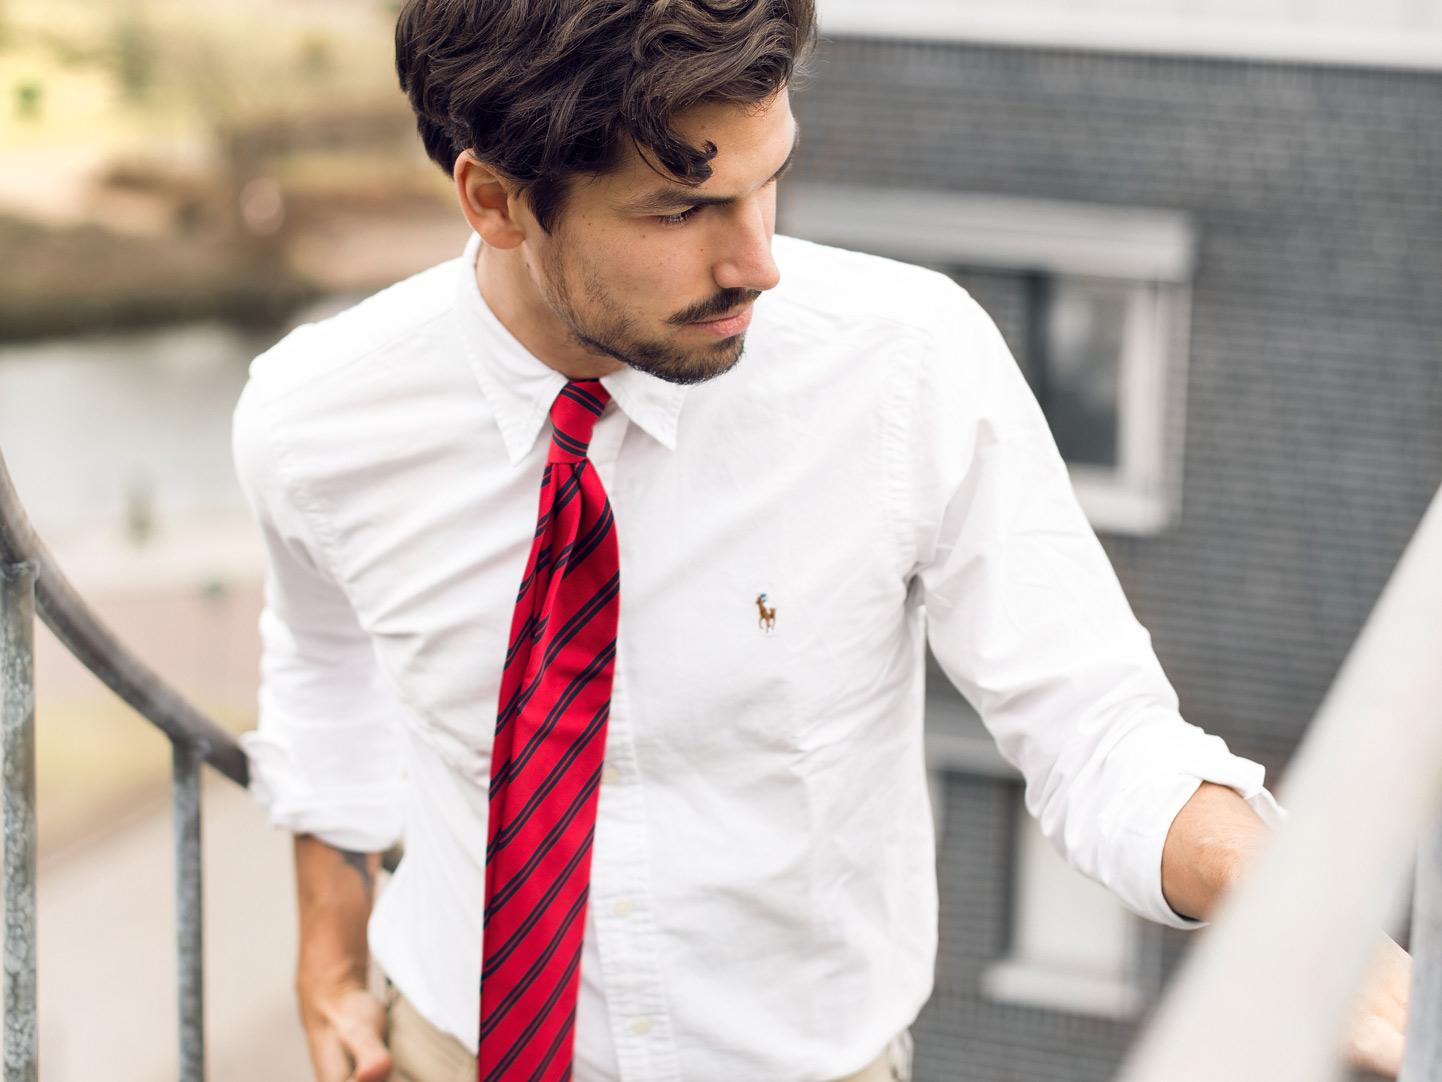 tröja att ha över skjorta